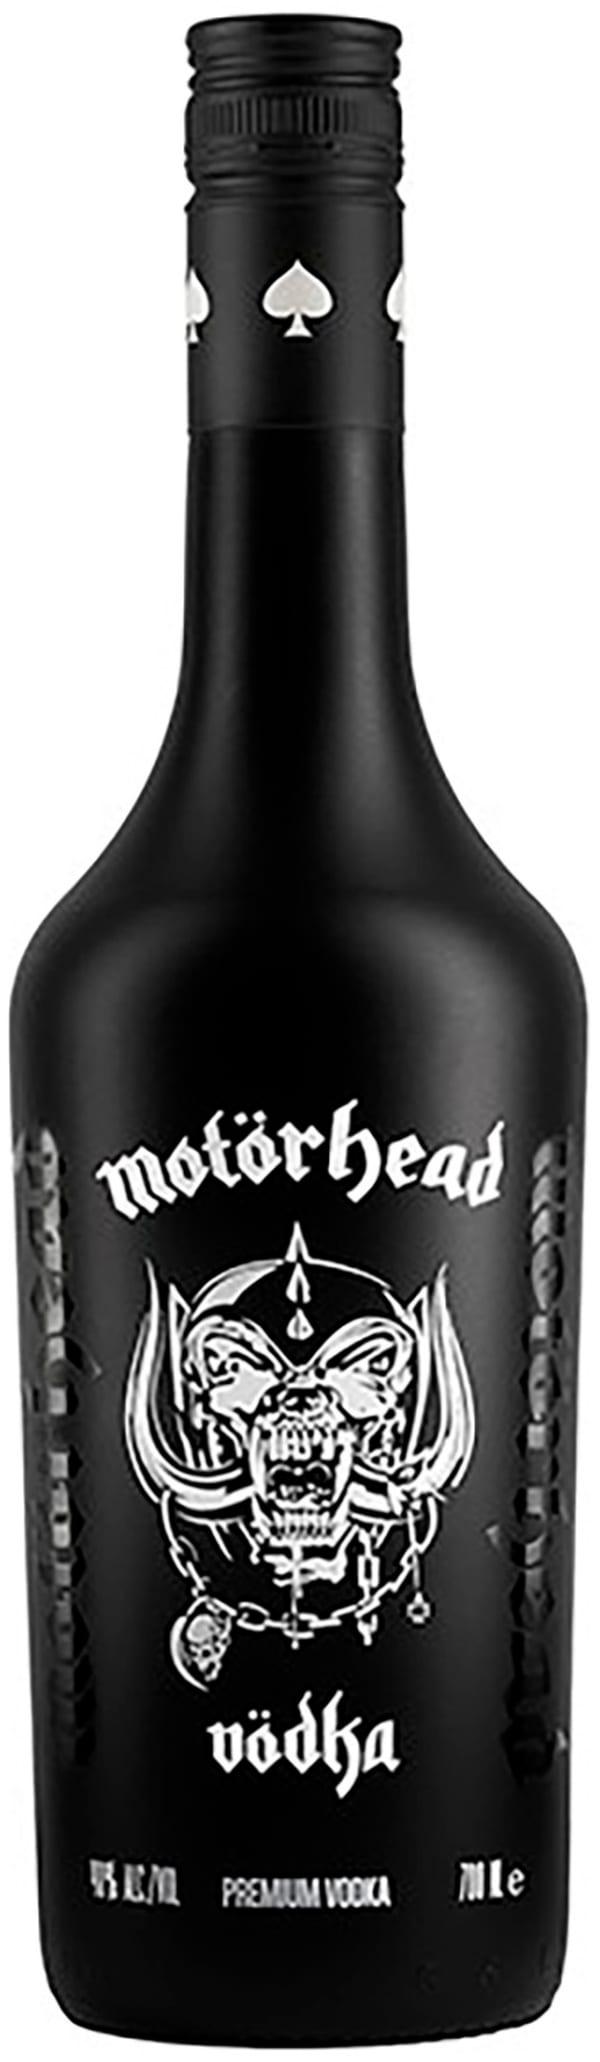 Motörhead Vodka